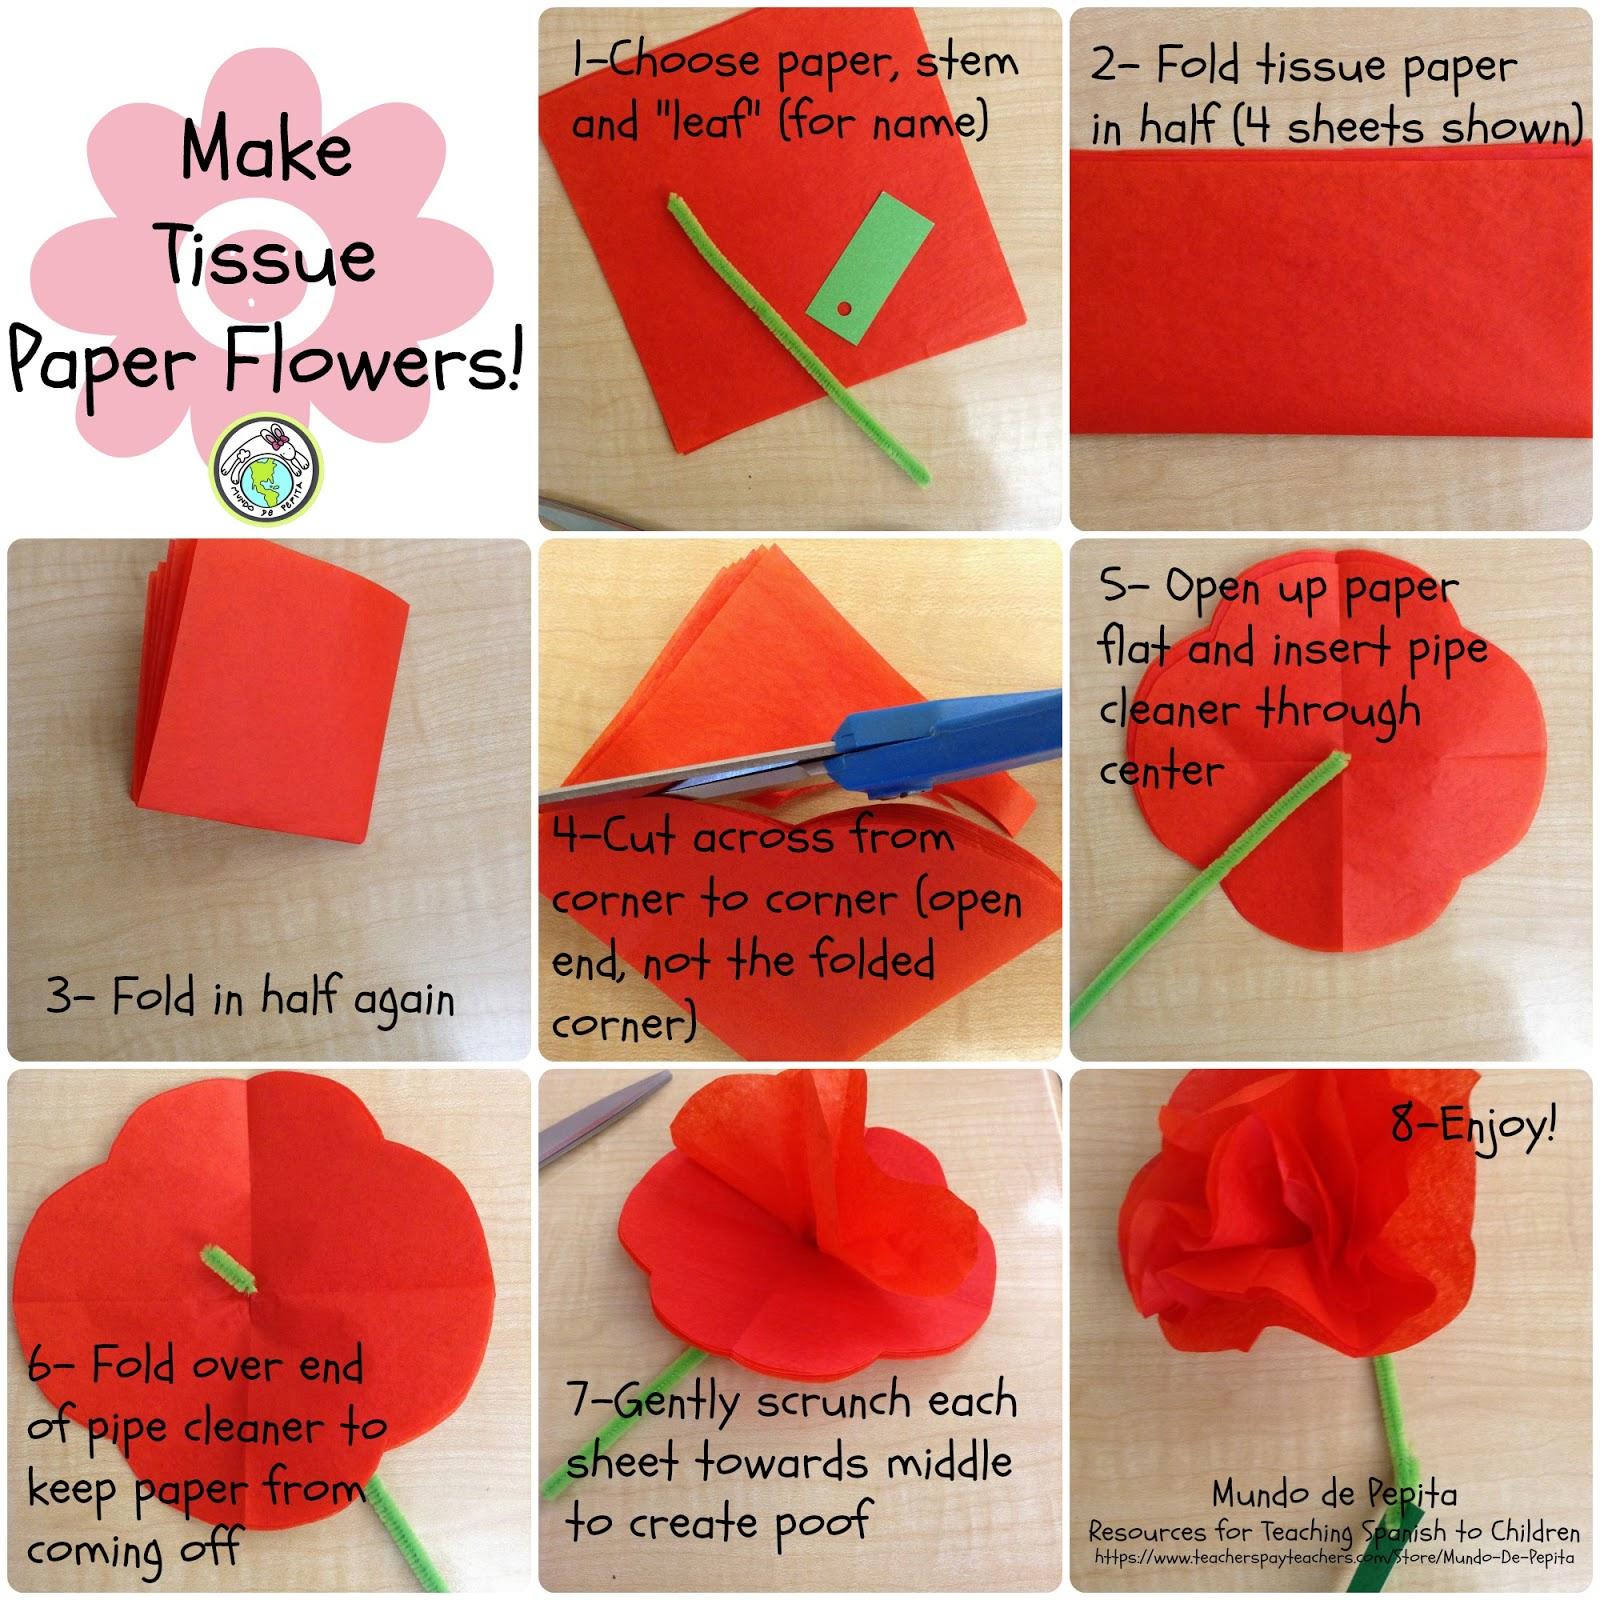 7 Steps For Making Tissue Paper Flowers Mundo De Pepita